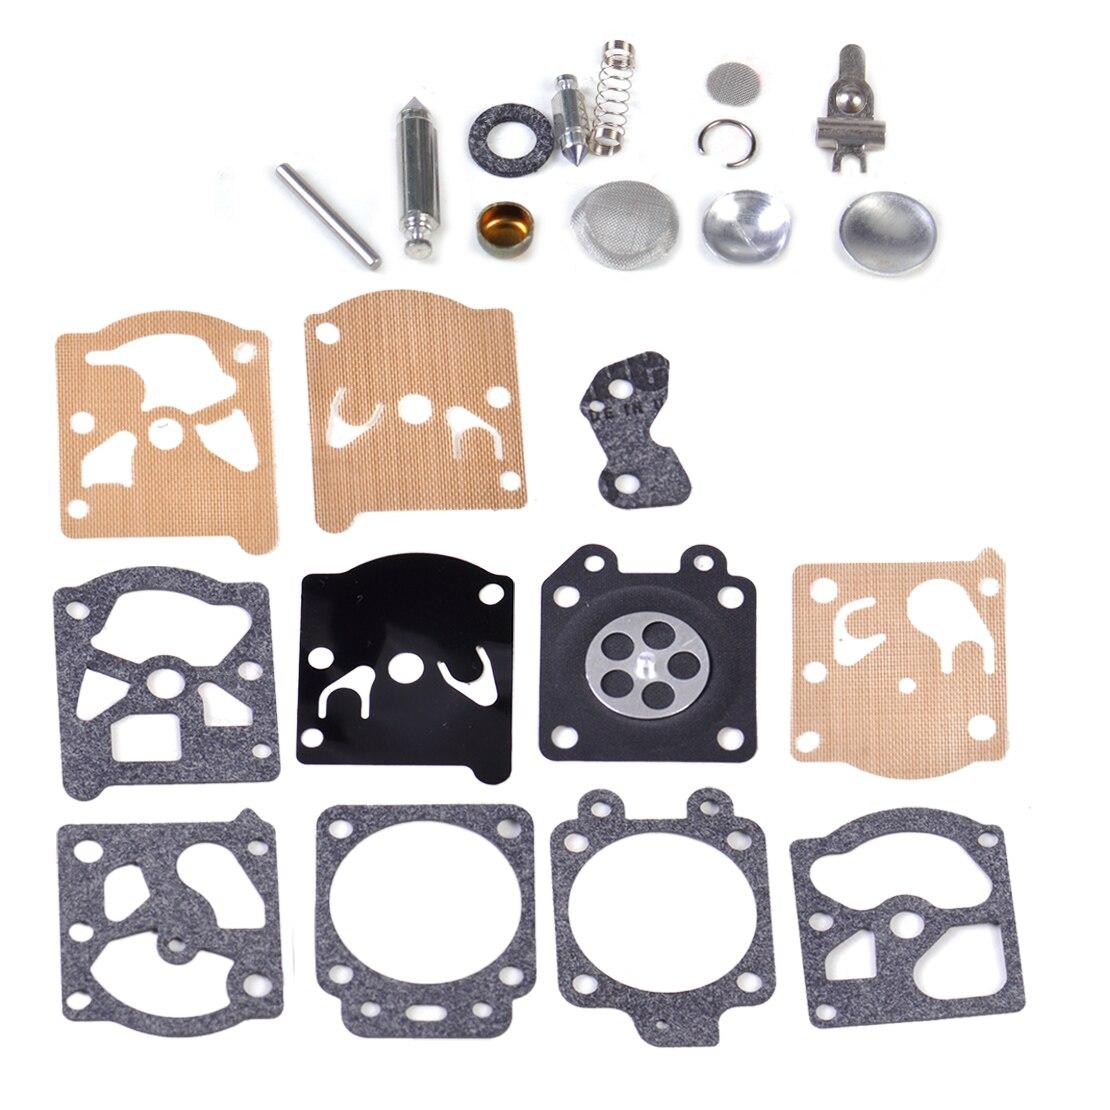 LETAOSK Carburetor Repair Kit Carb Gasket Rebuild Tool Gasket Set Diaphragm fit for Walbro K20-WAT WA WT Series 2017 new arrival carburetor carb gasket diaphragm replacement kit fit chainsaw for rb 39 c1q serise